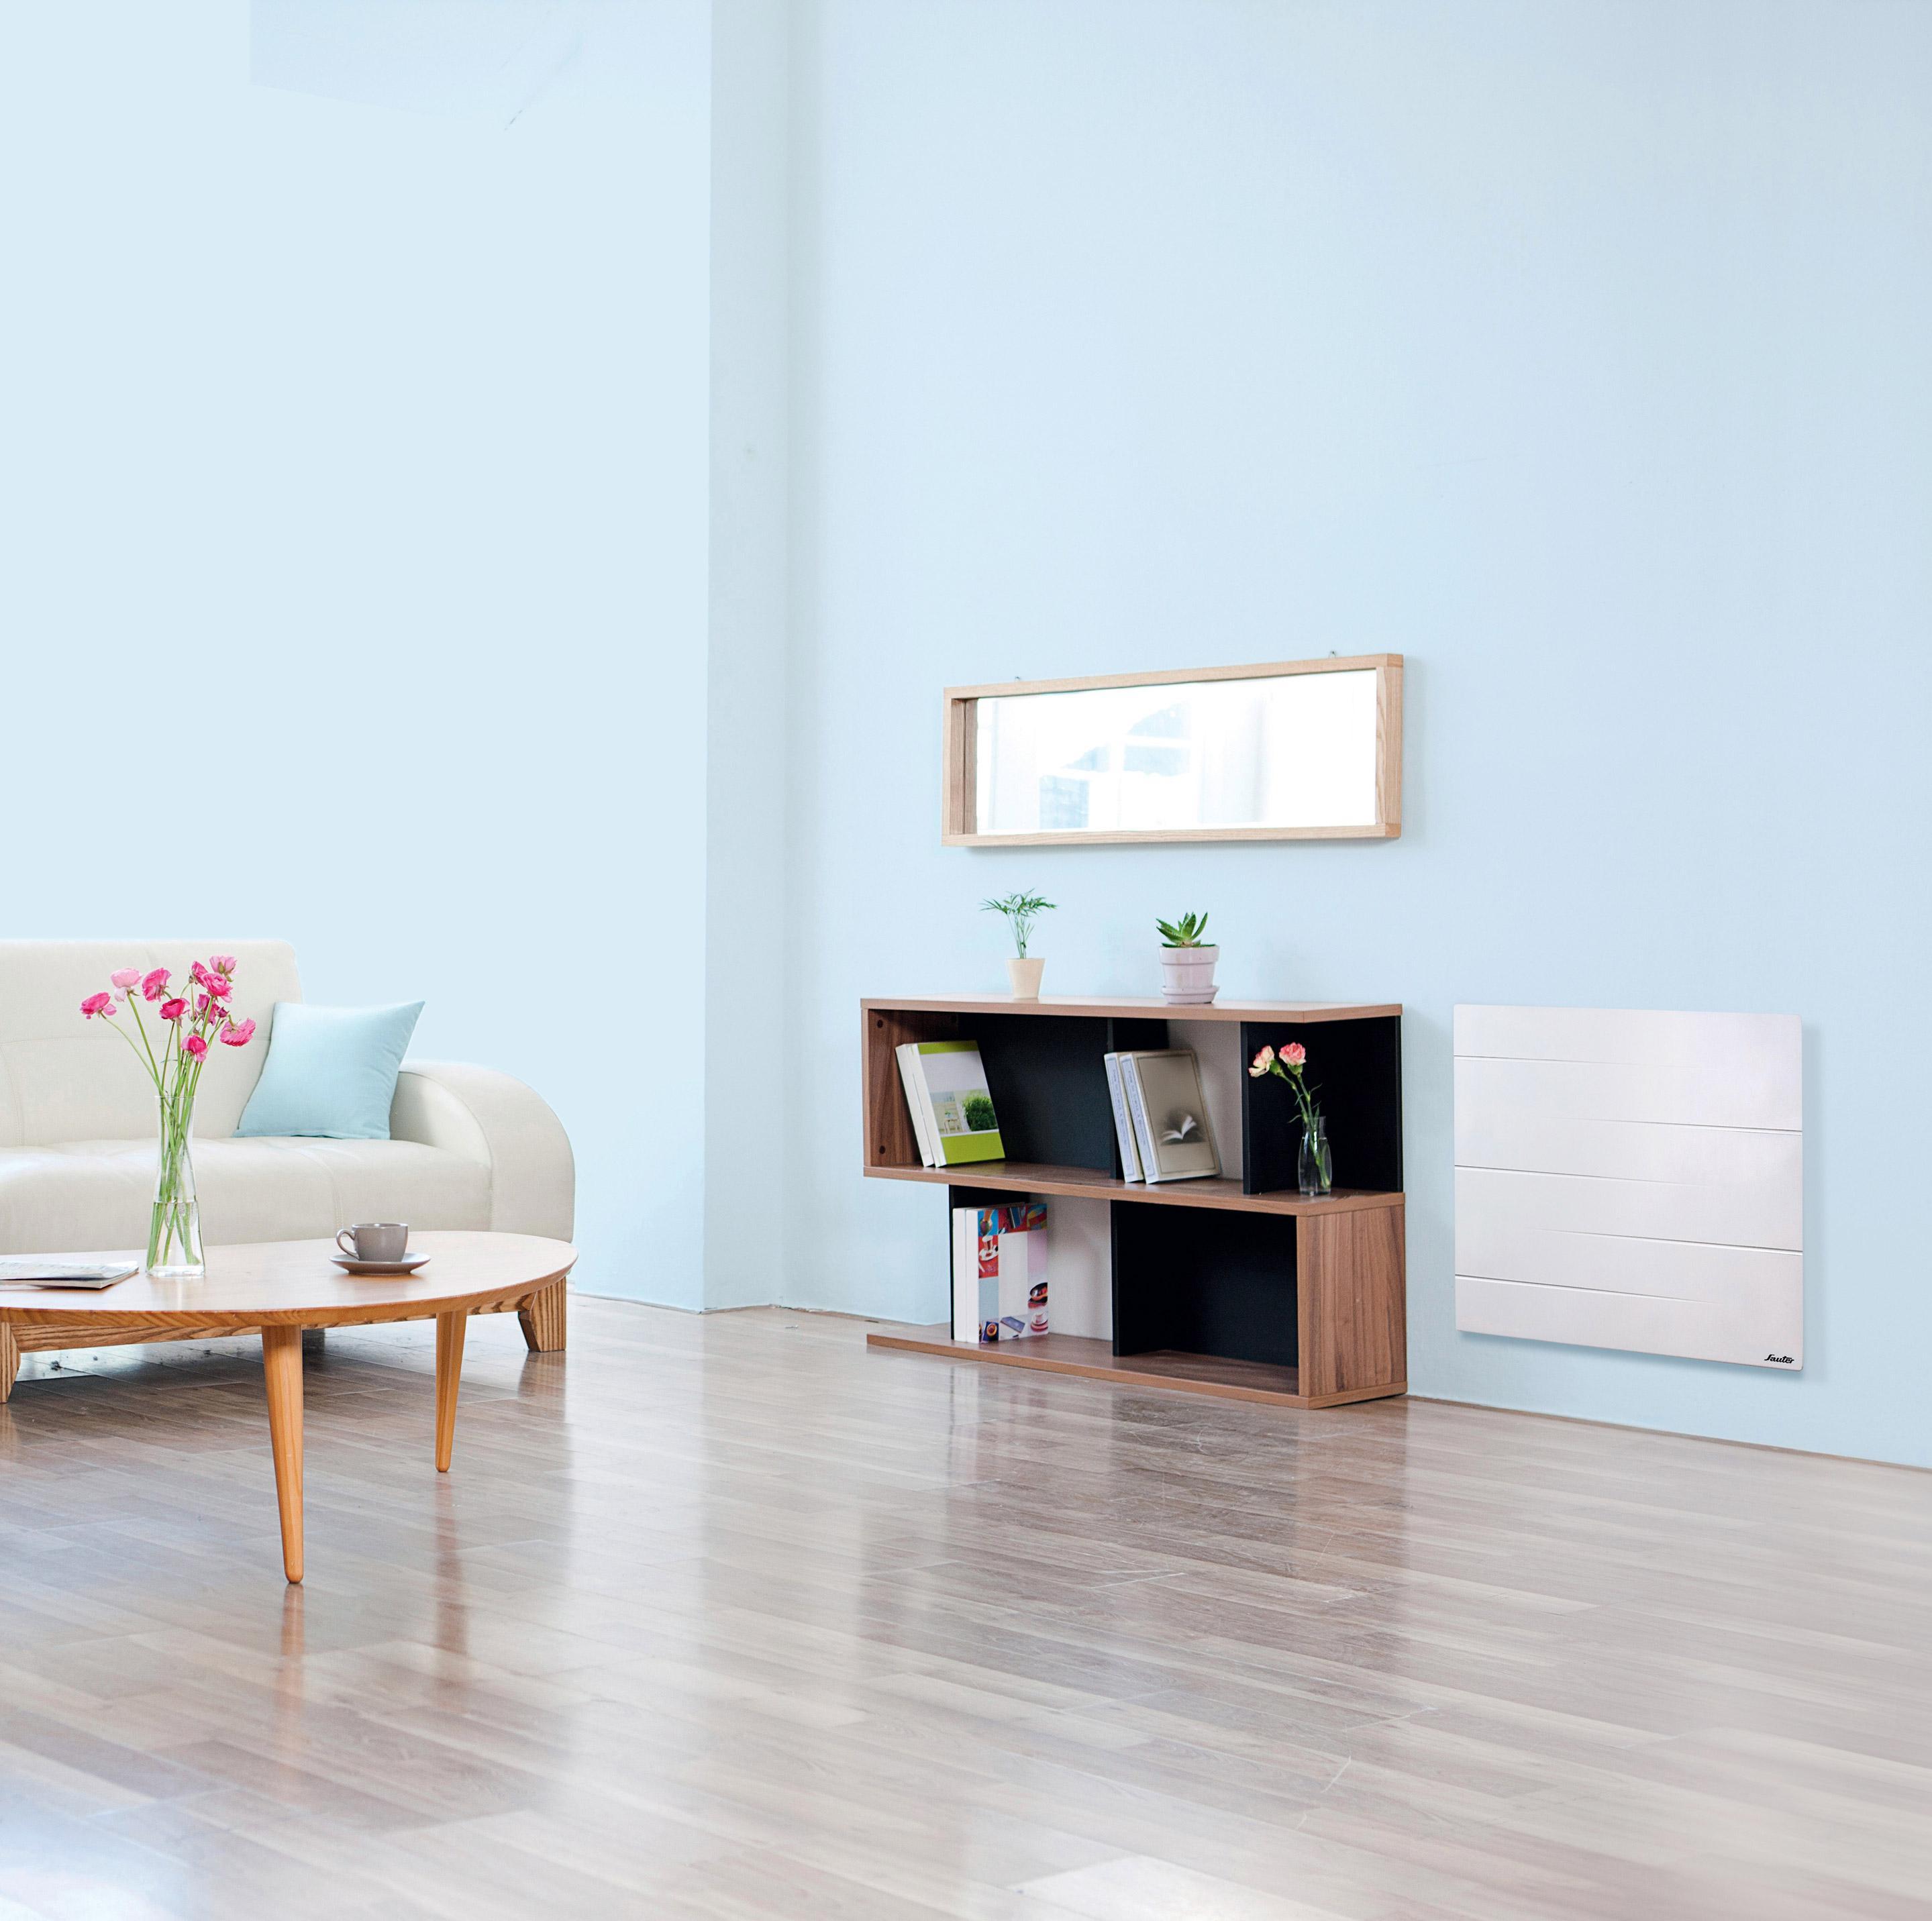 Radiateur Electrique Connecte A Double Systeme Chauffant Sauter Malao 1000 W Deco Maison Interieur Decoration Maison Et Deco Maison